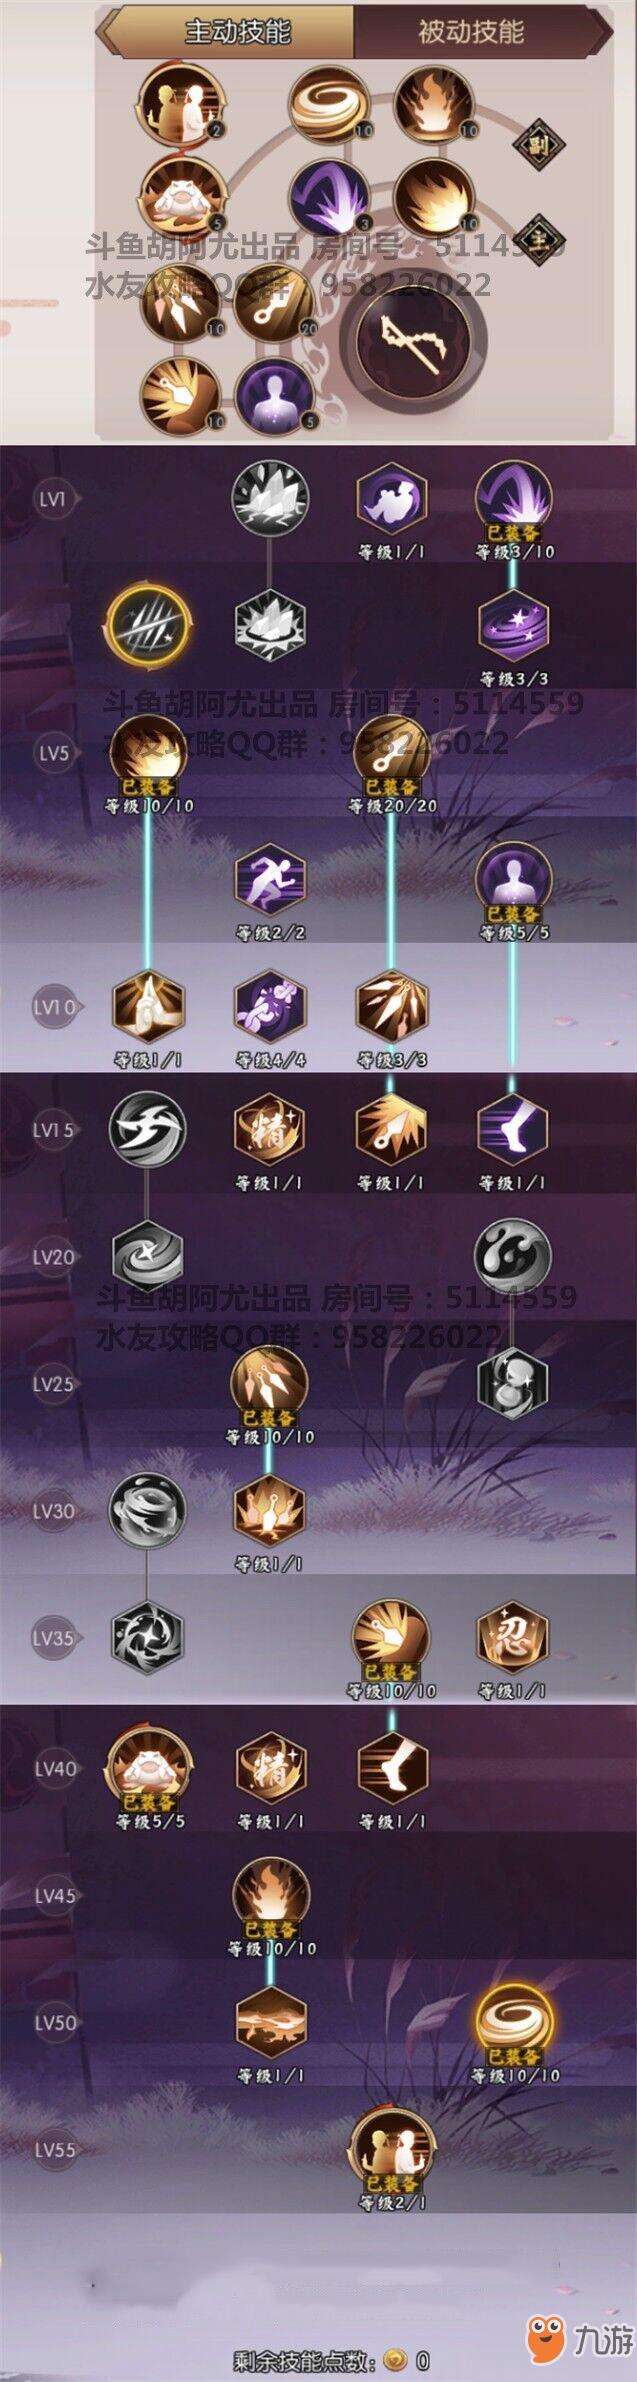 侍魂胧月传说贺隐PVP最新加点推荐